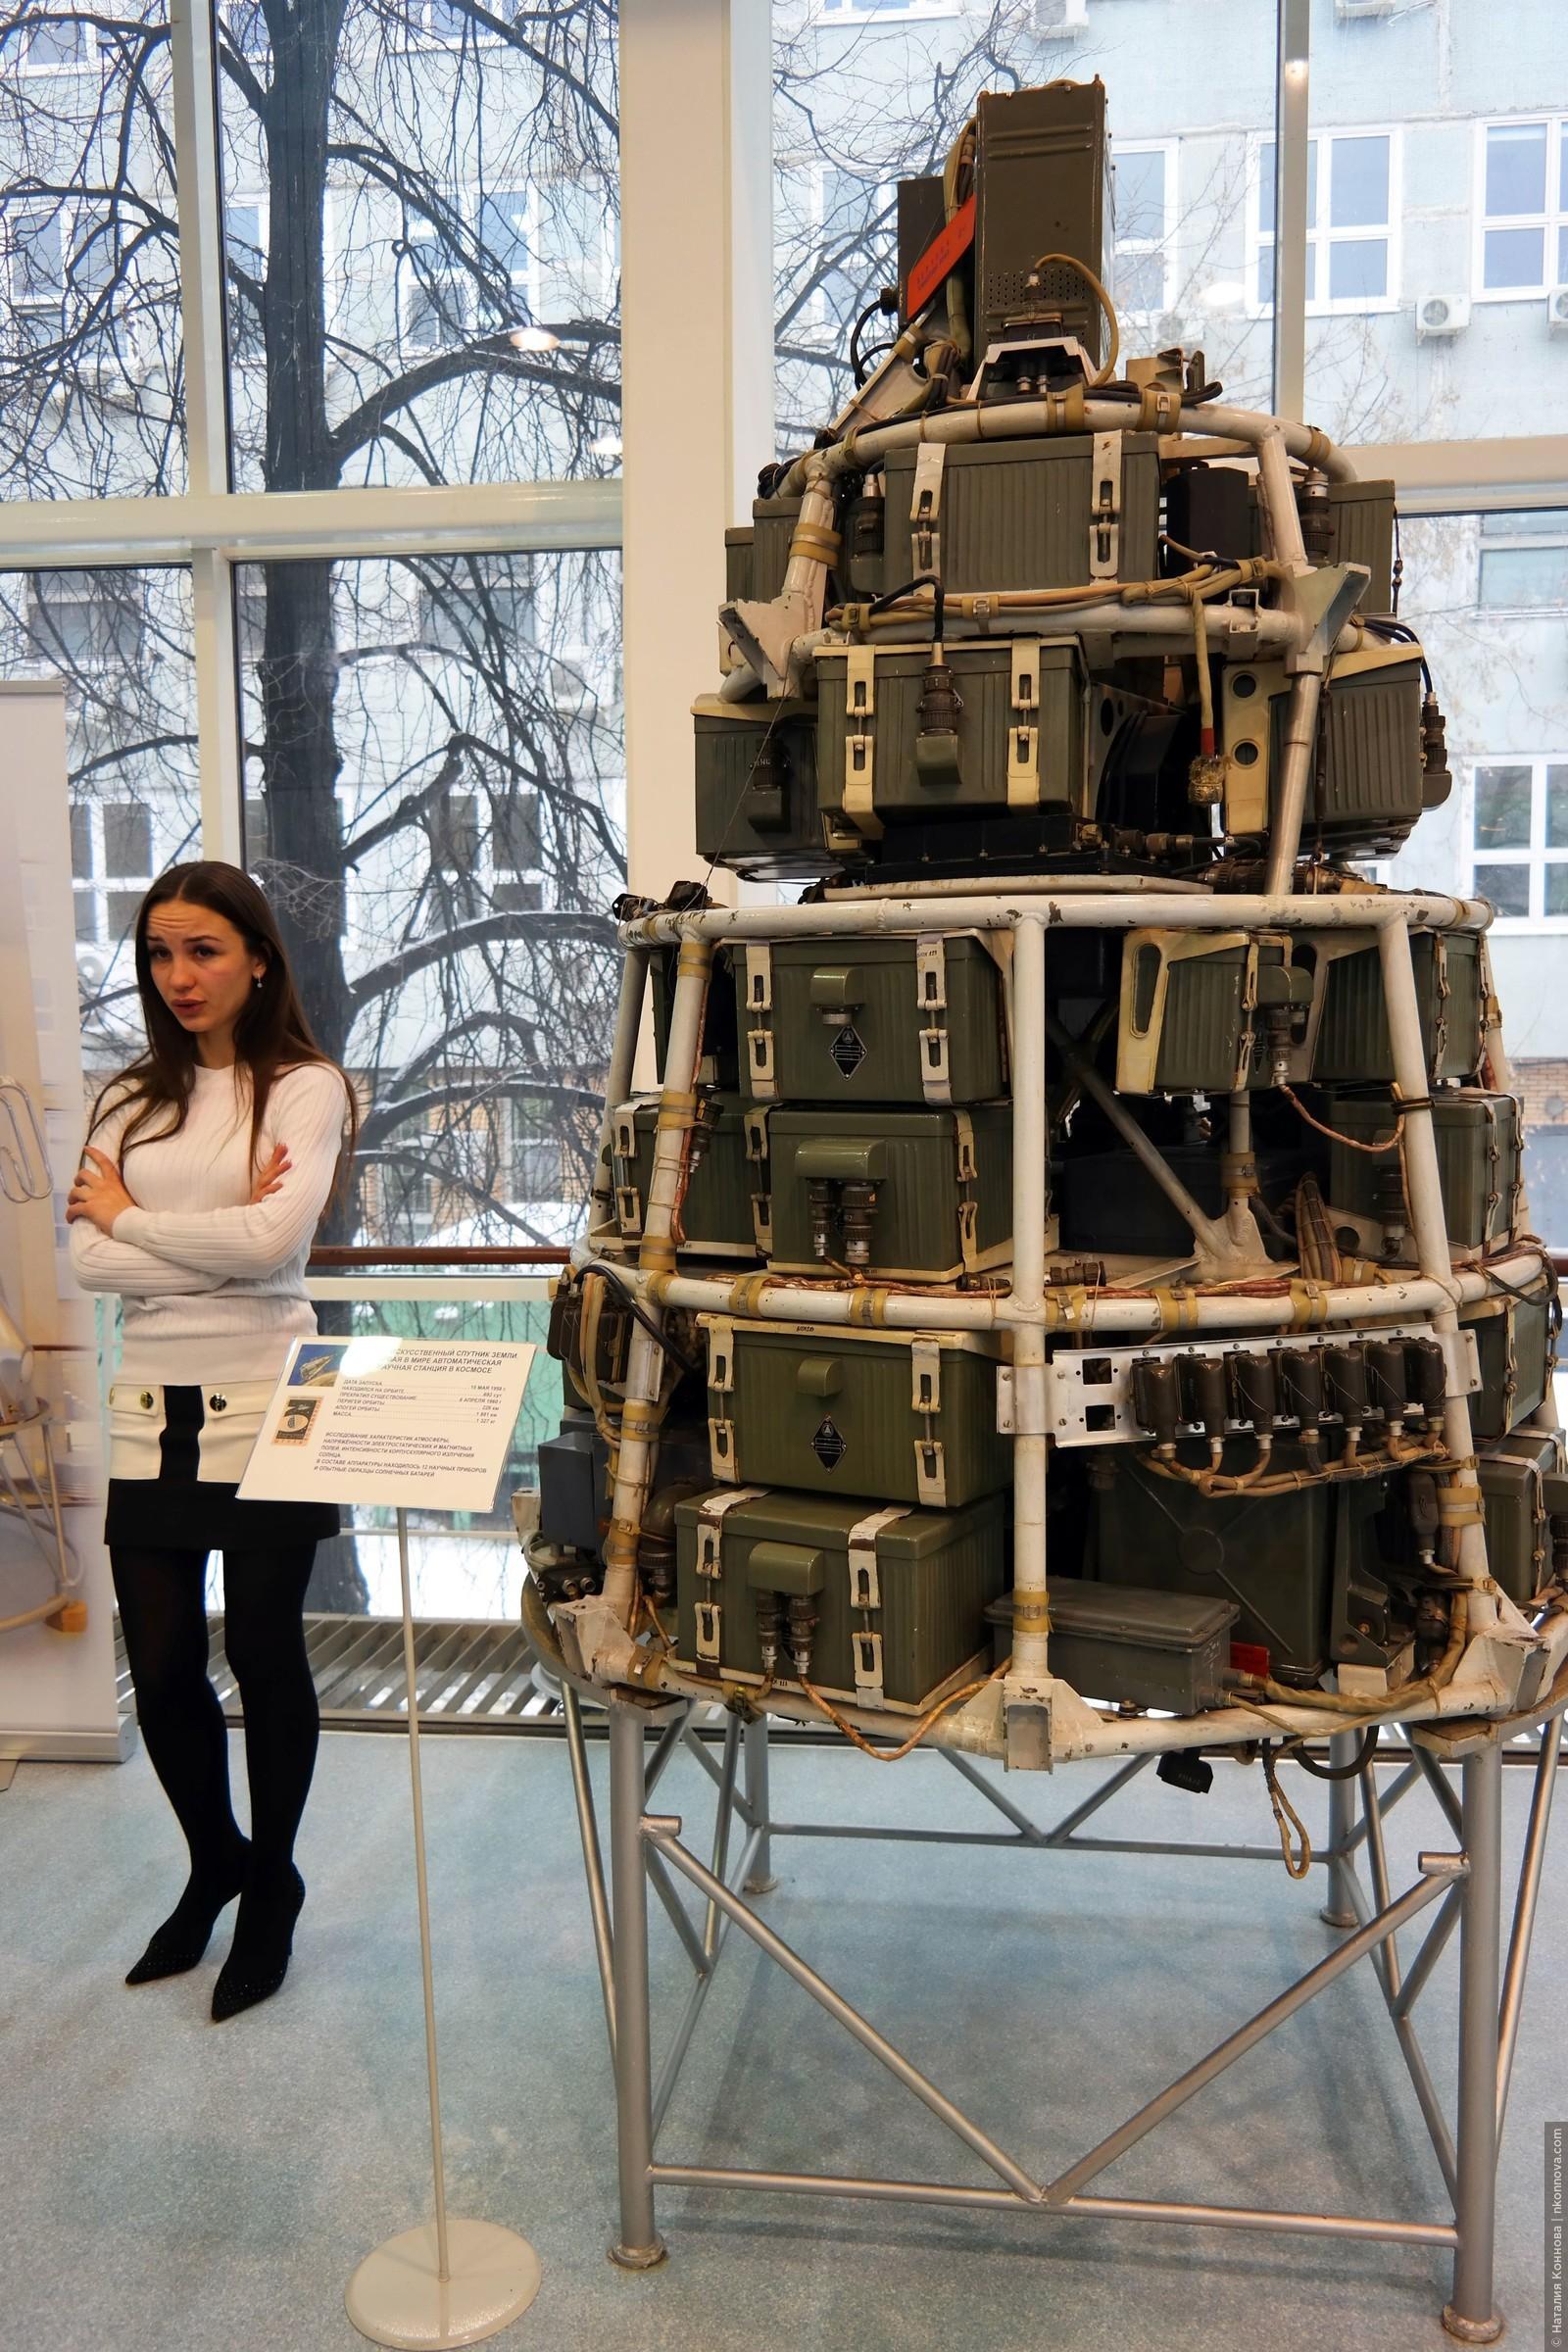 Первая в мире научная автоматическая космическая станция (третий искусственный спутник)., Музей РКК «Энергия» им. Королева